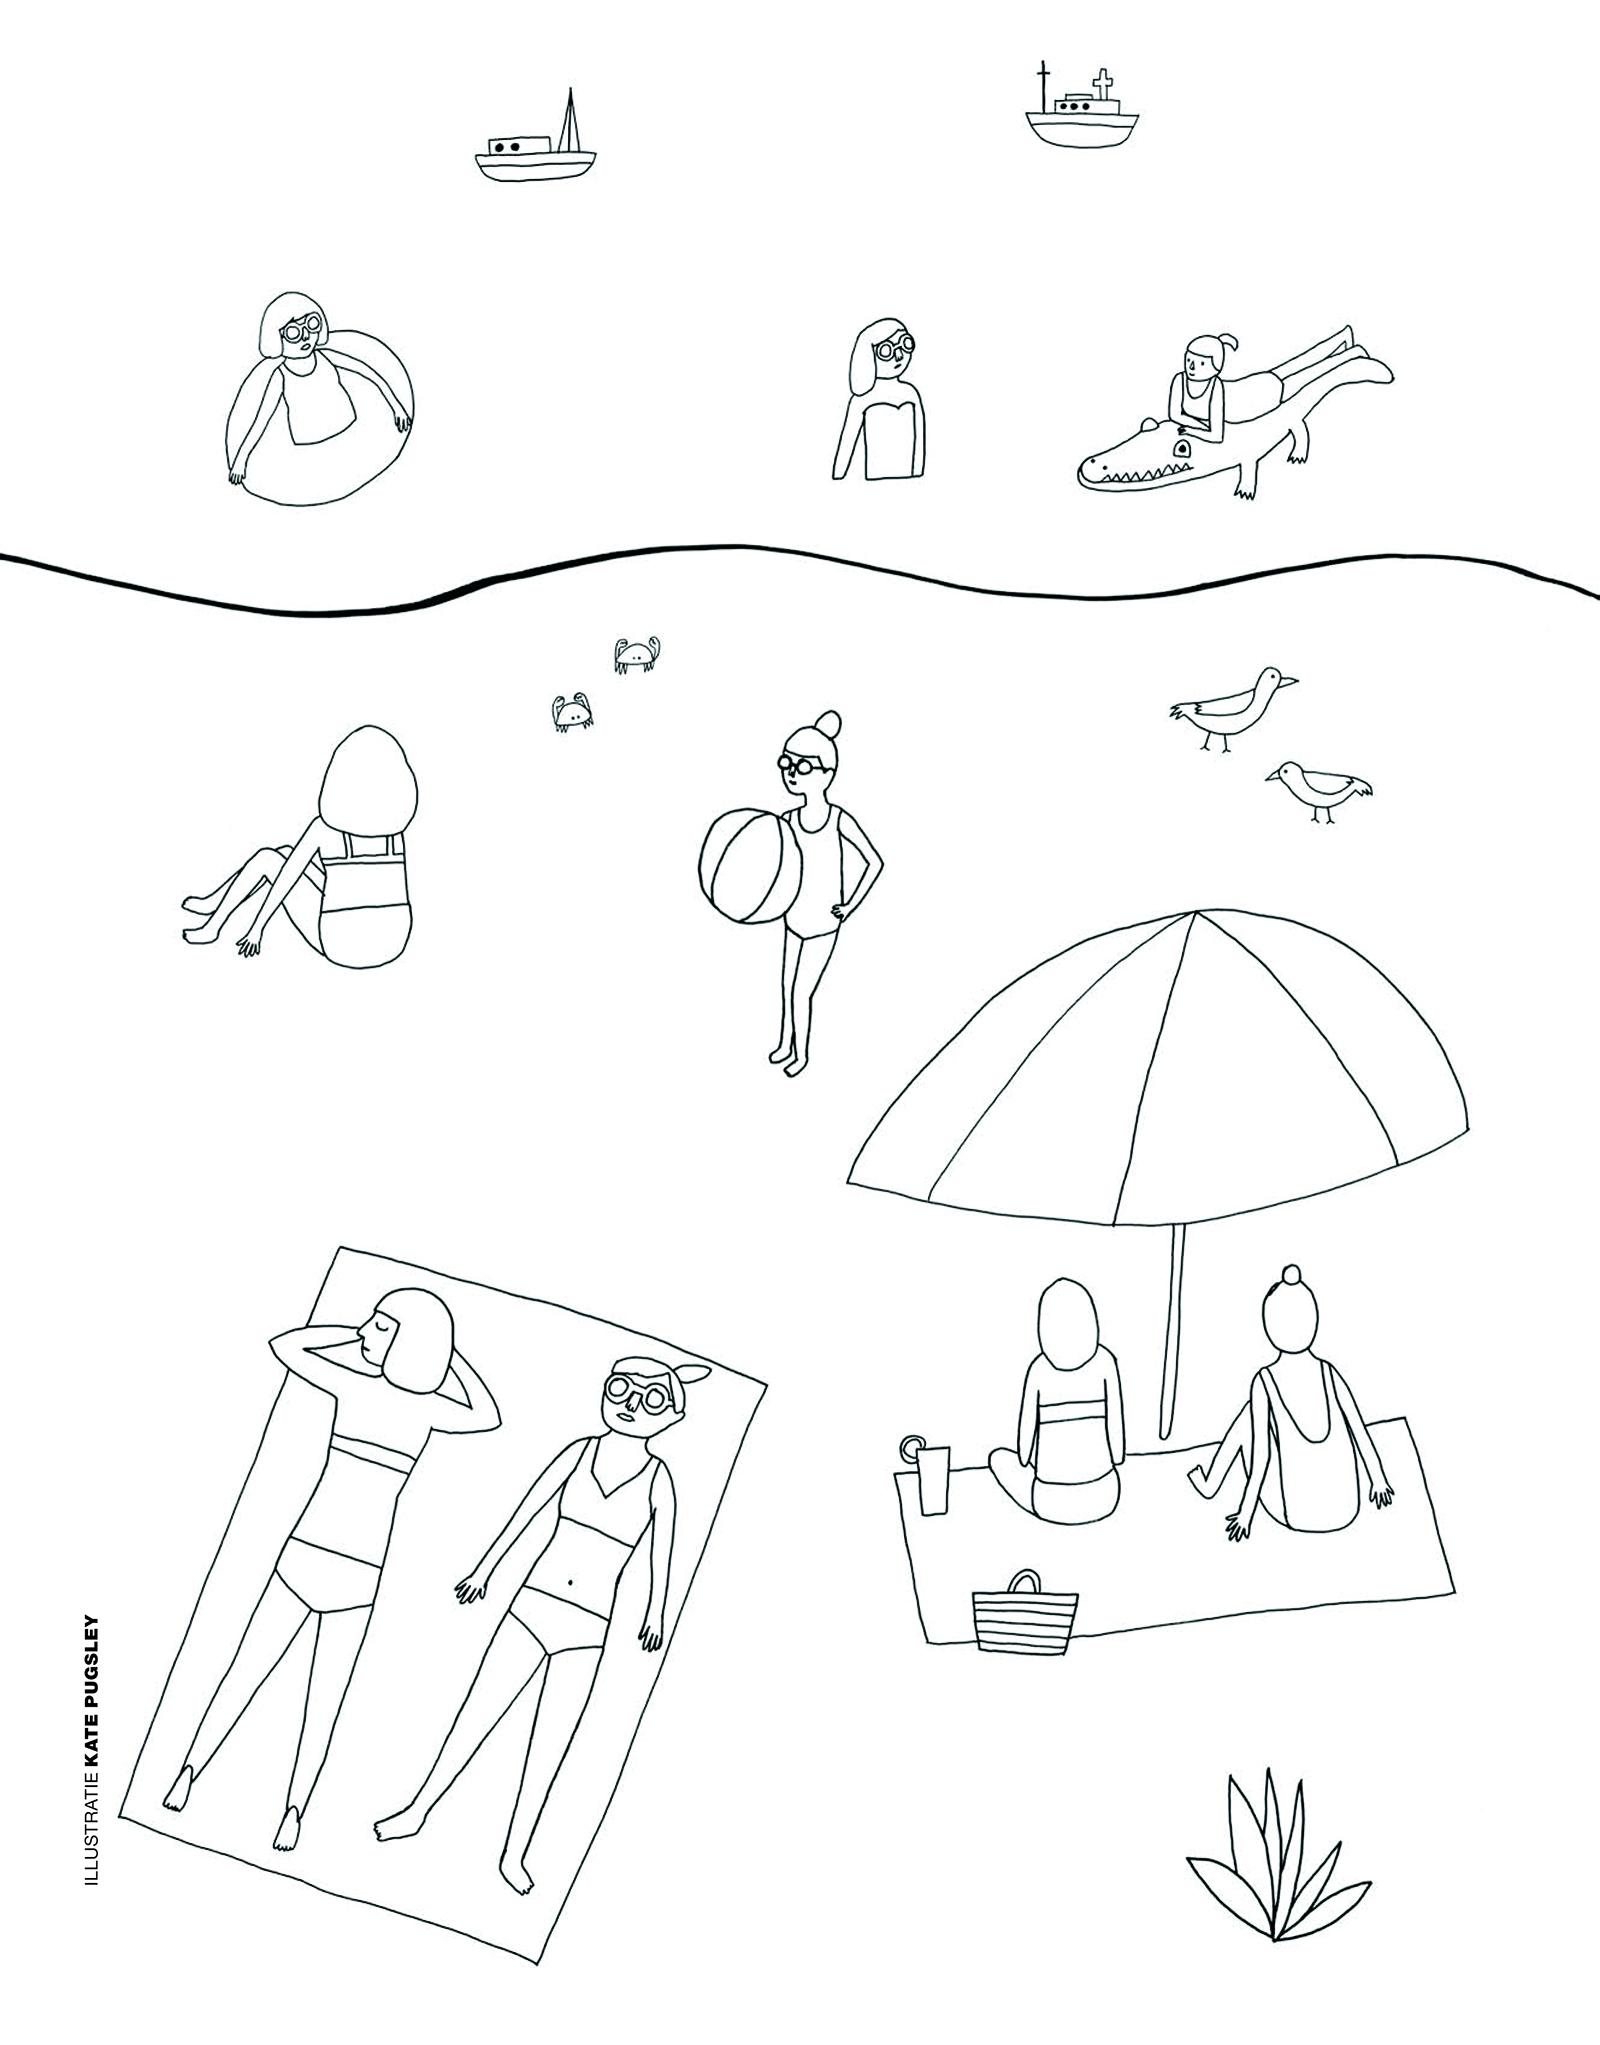 Print https://bin.snmmd.nl/m/c4a76872l7ac.jpg/_flow-magazine-kleurplaat-4-kate-pugsley.jpg